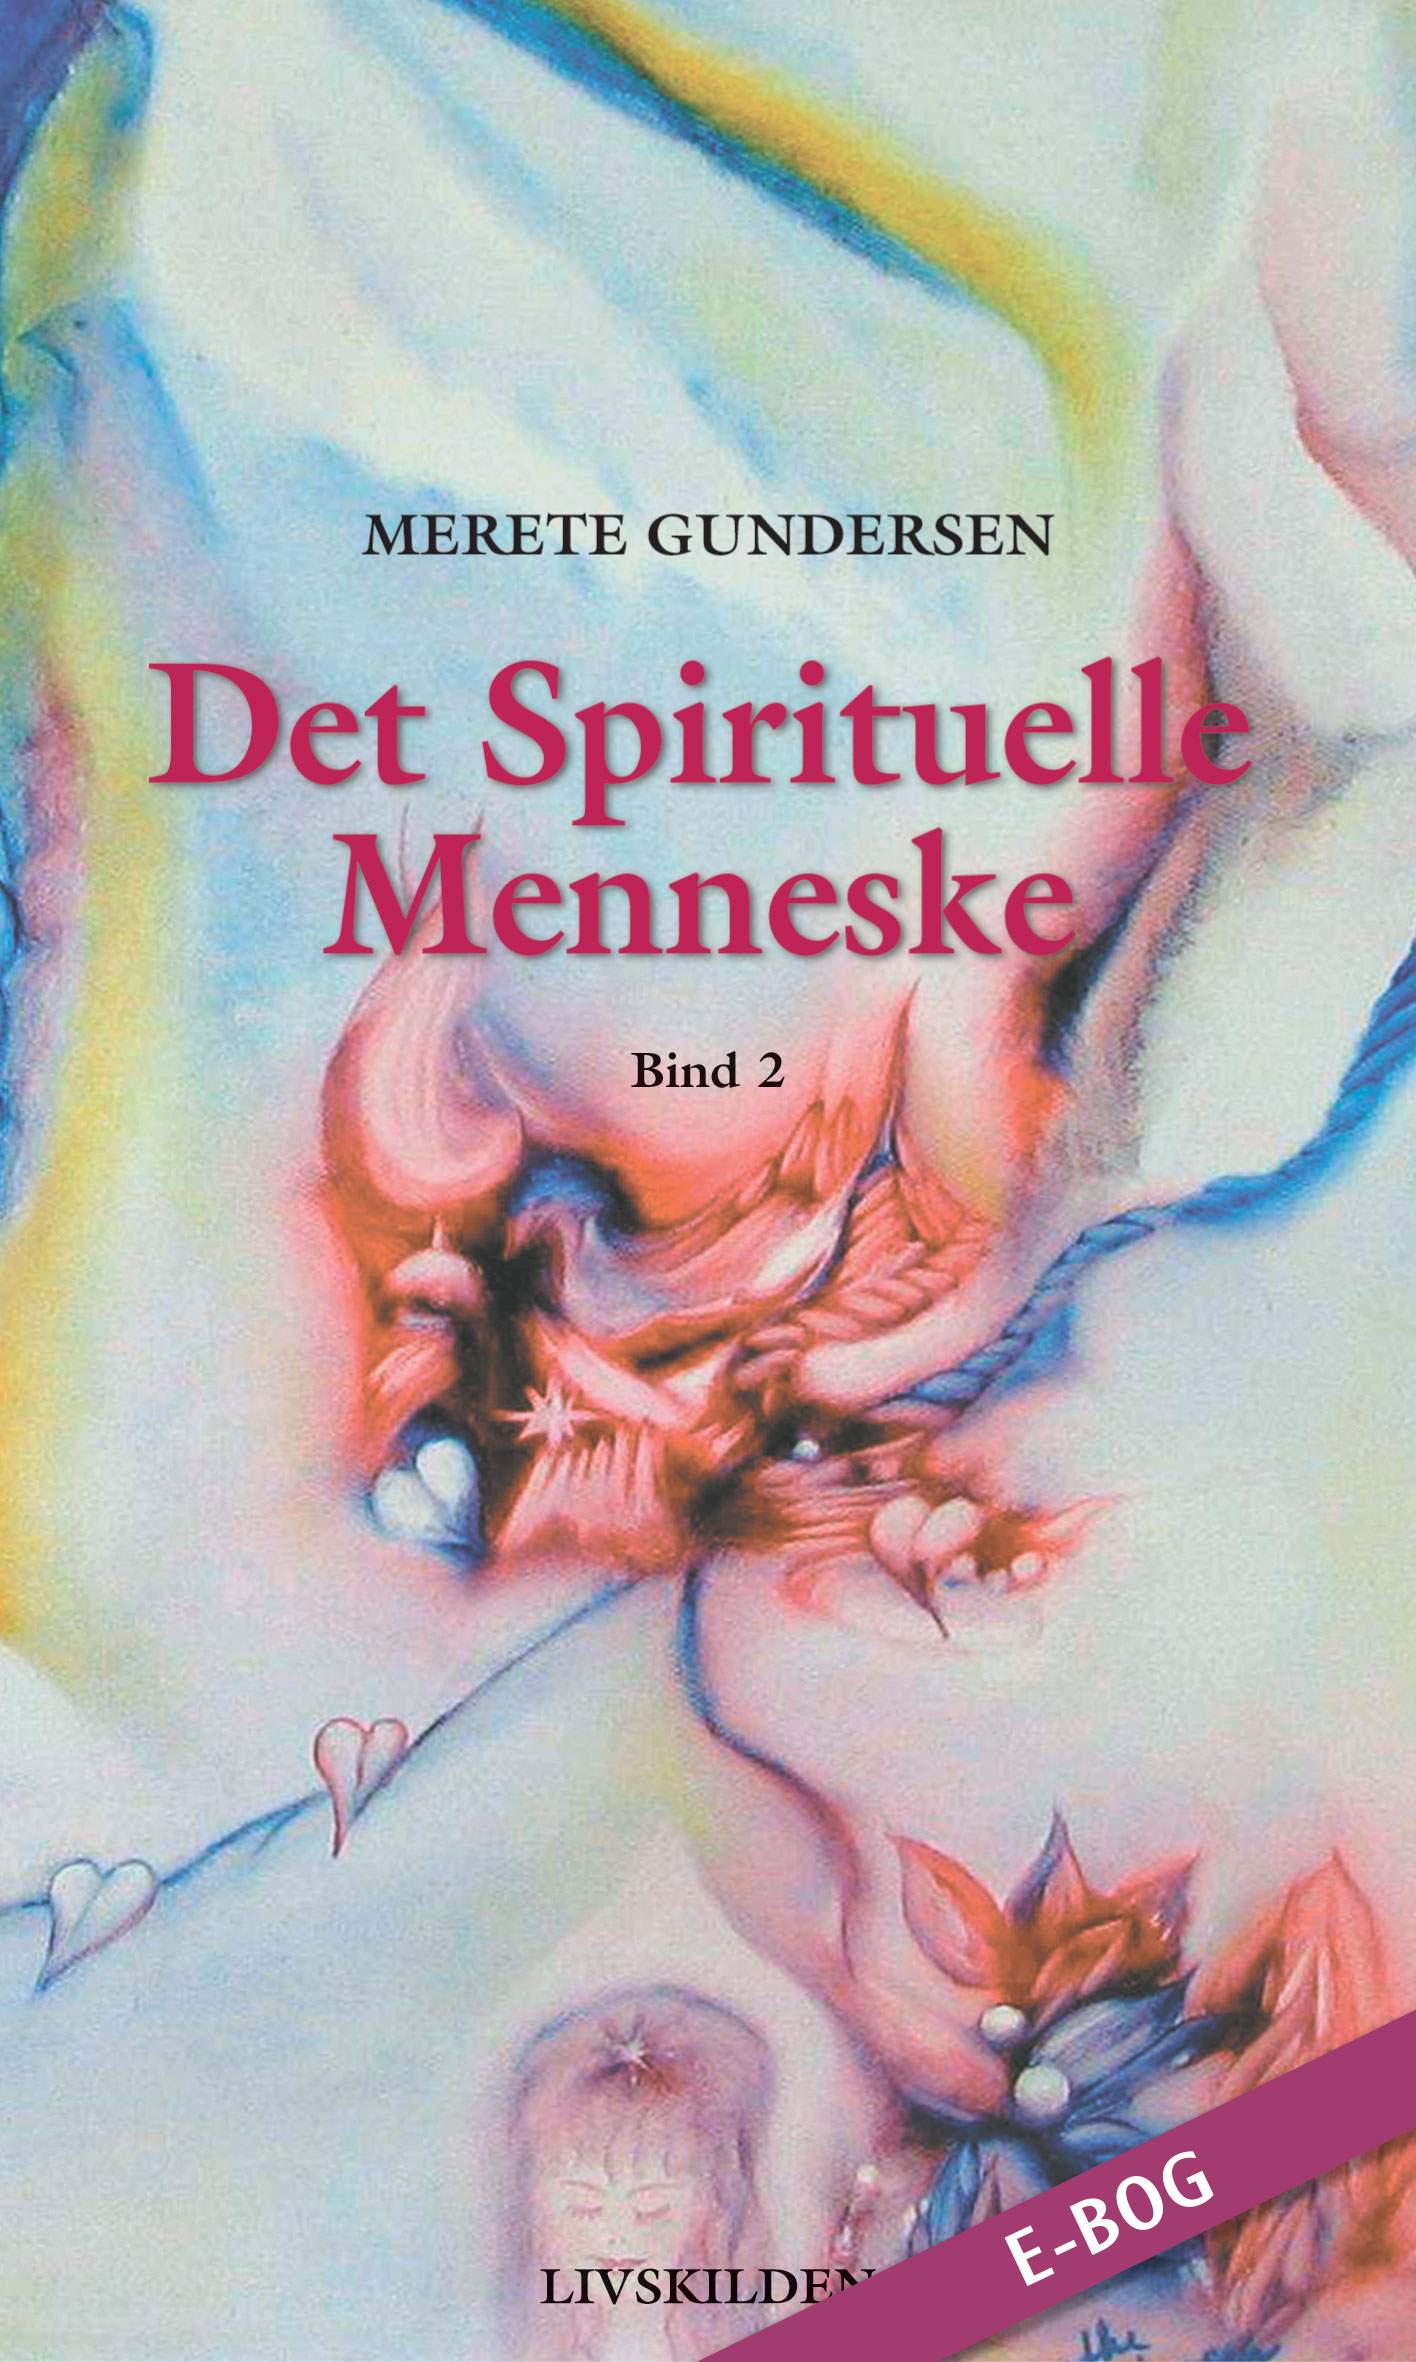 E-bog: Det Spirituelle Menneske 2